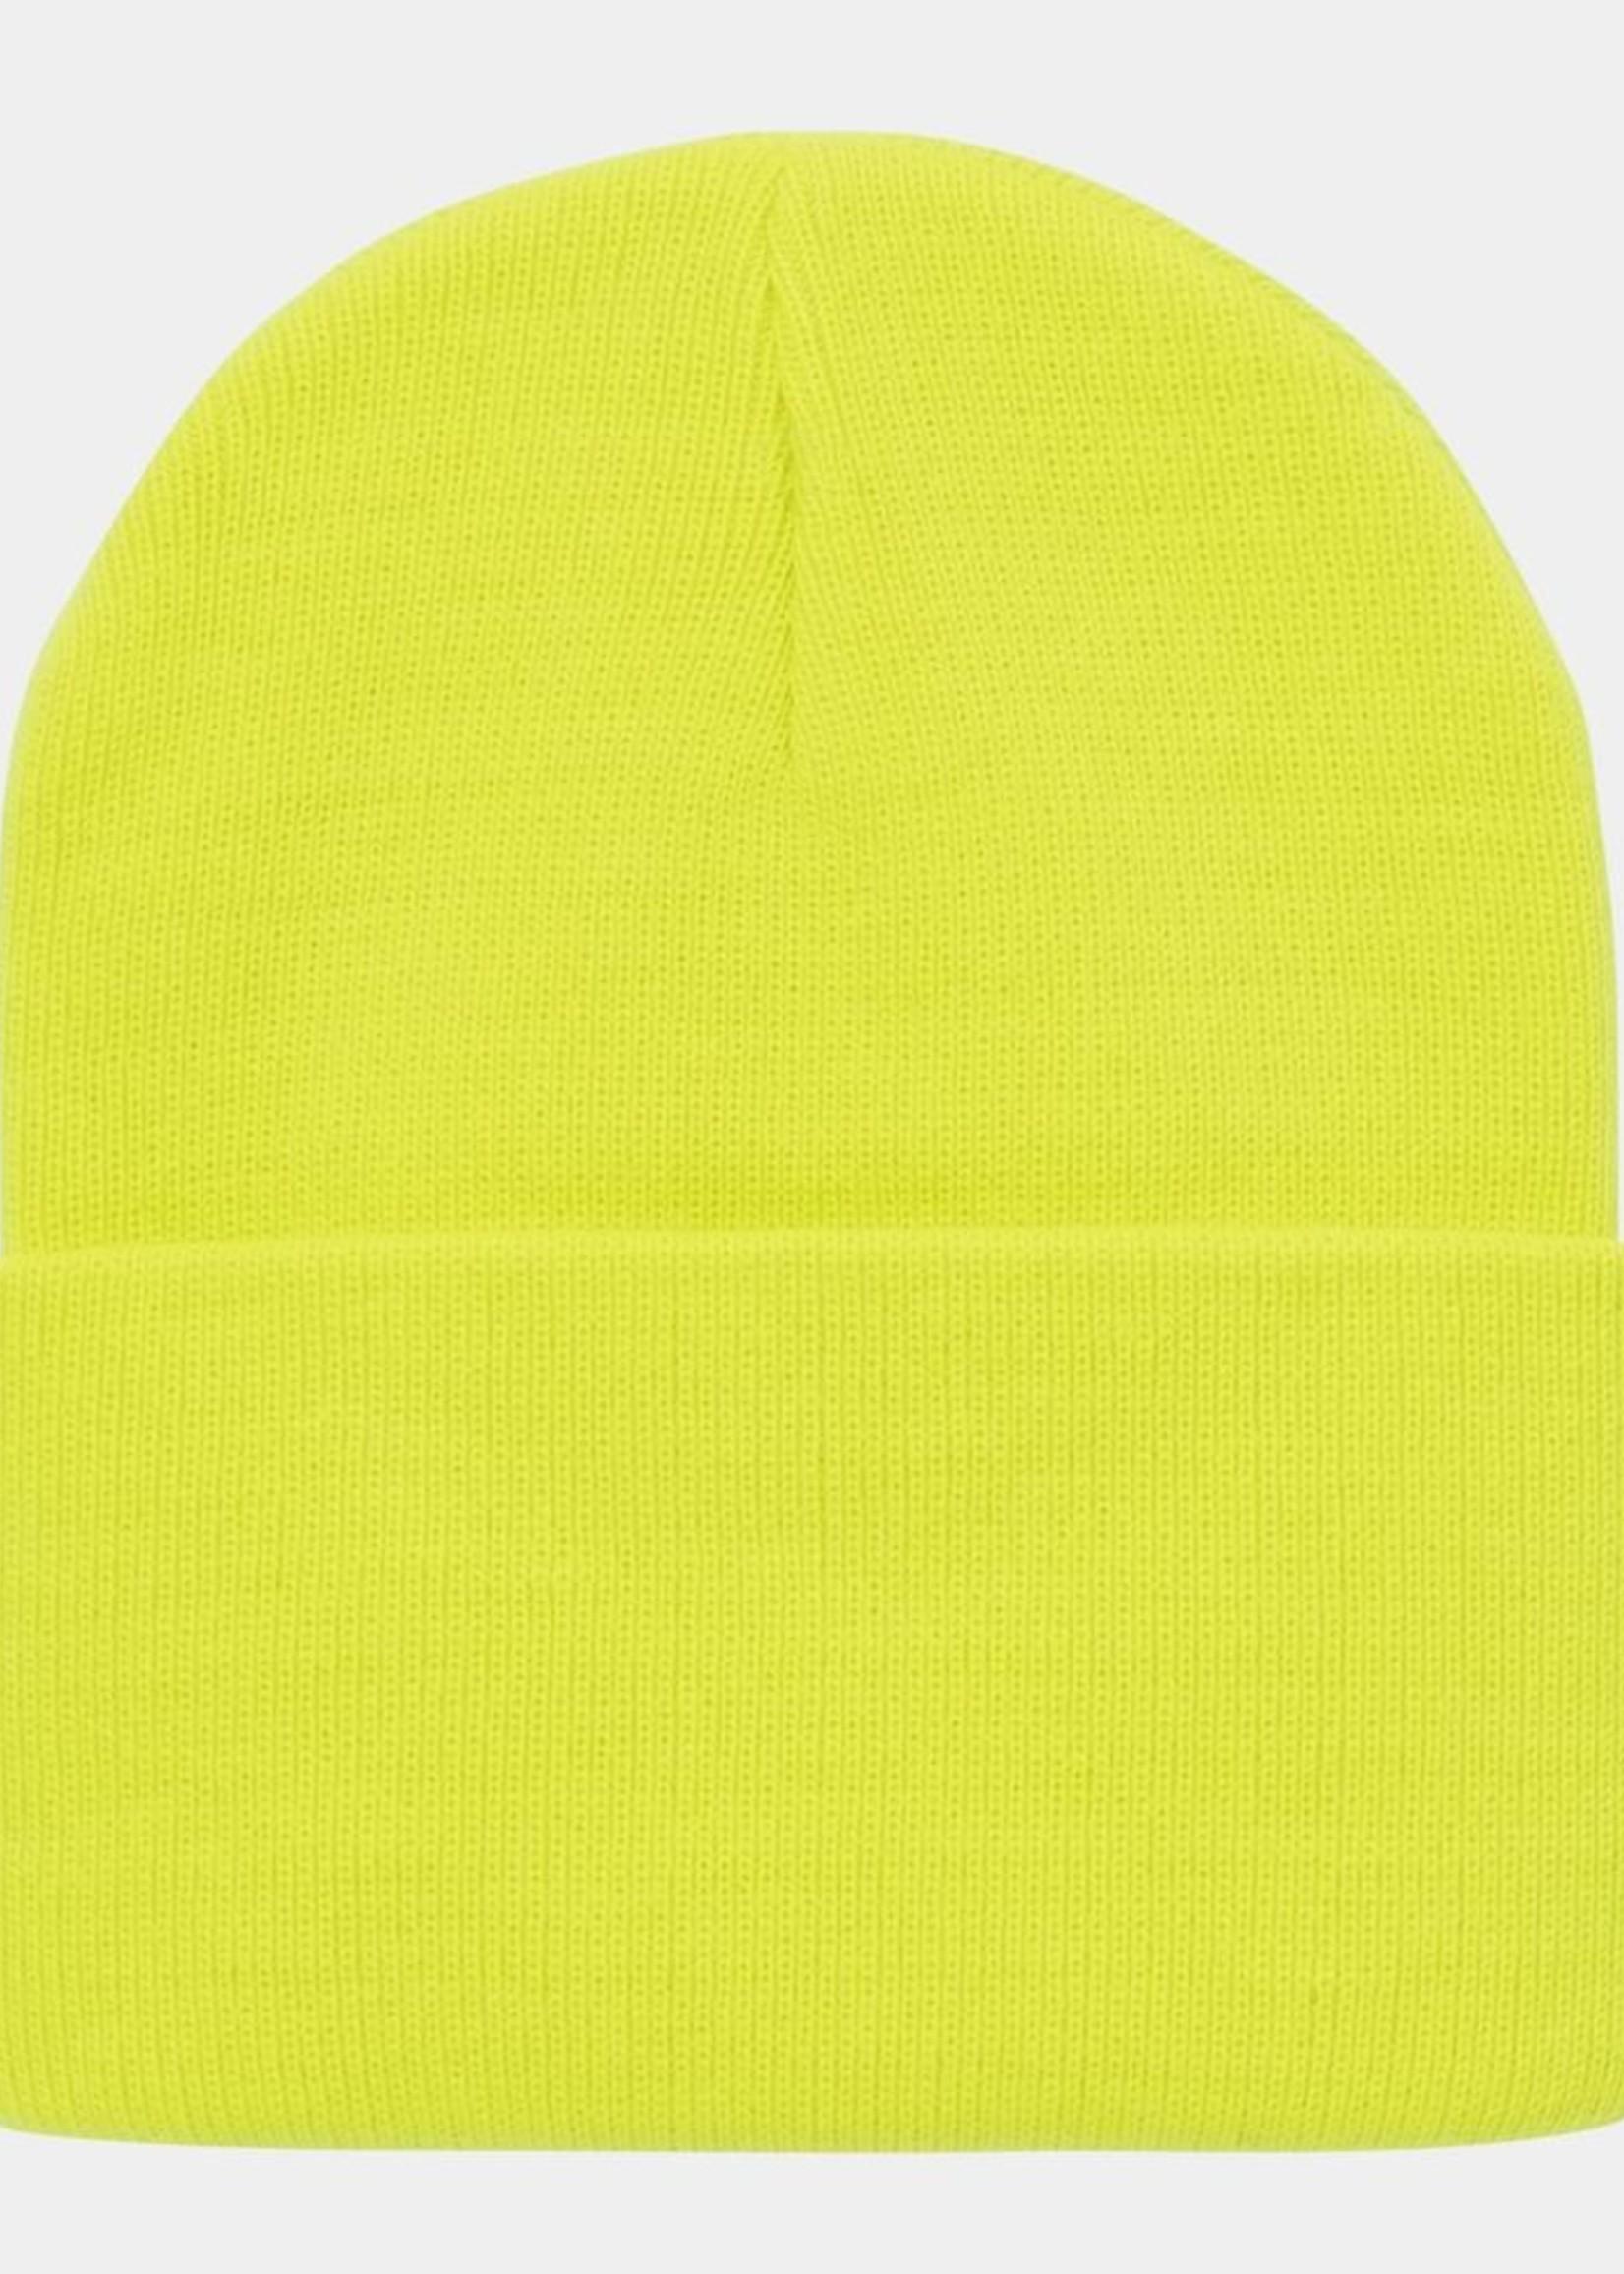 Carhartt Work In Progress Acrylic Watch Hat in Limeade